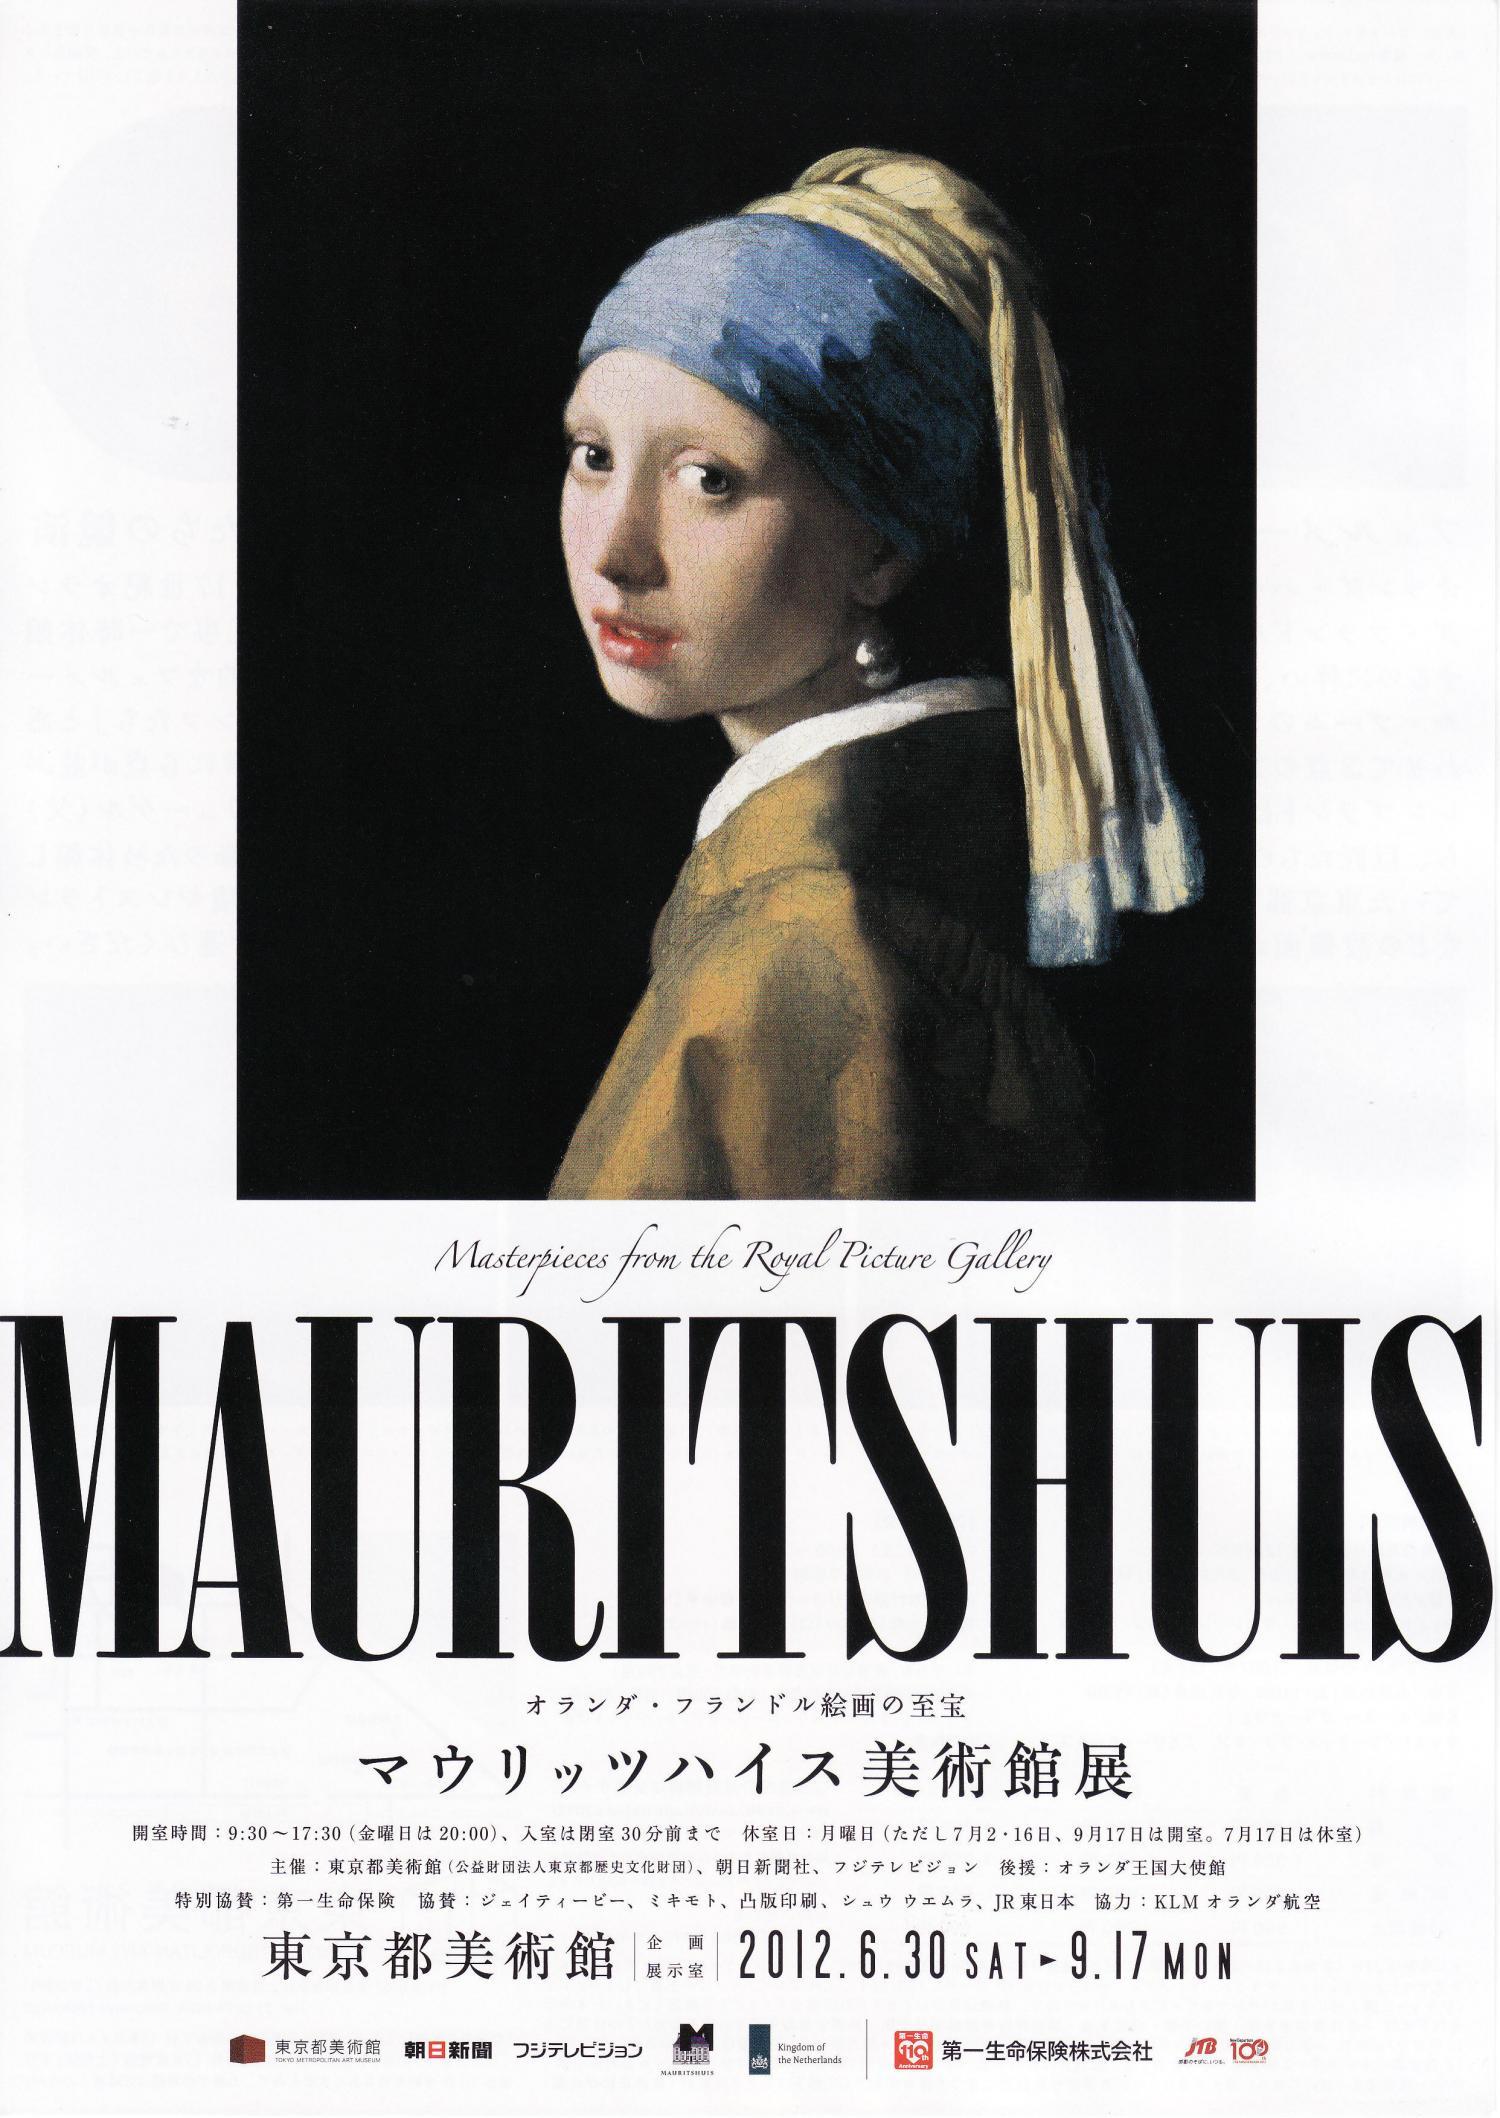 マウリッツハイス美術館展_convert_20130401033855